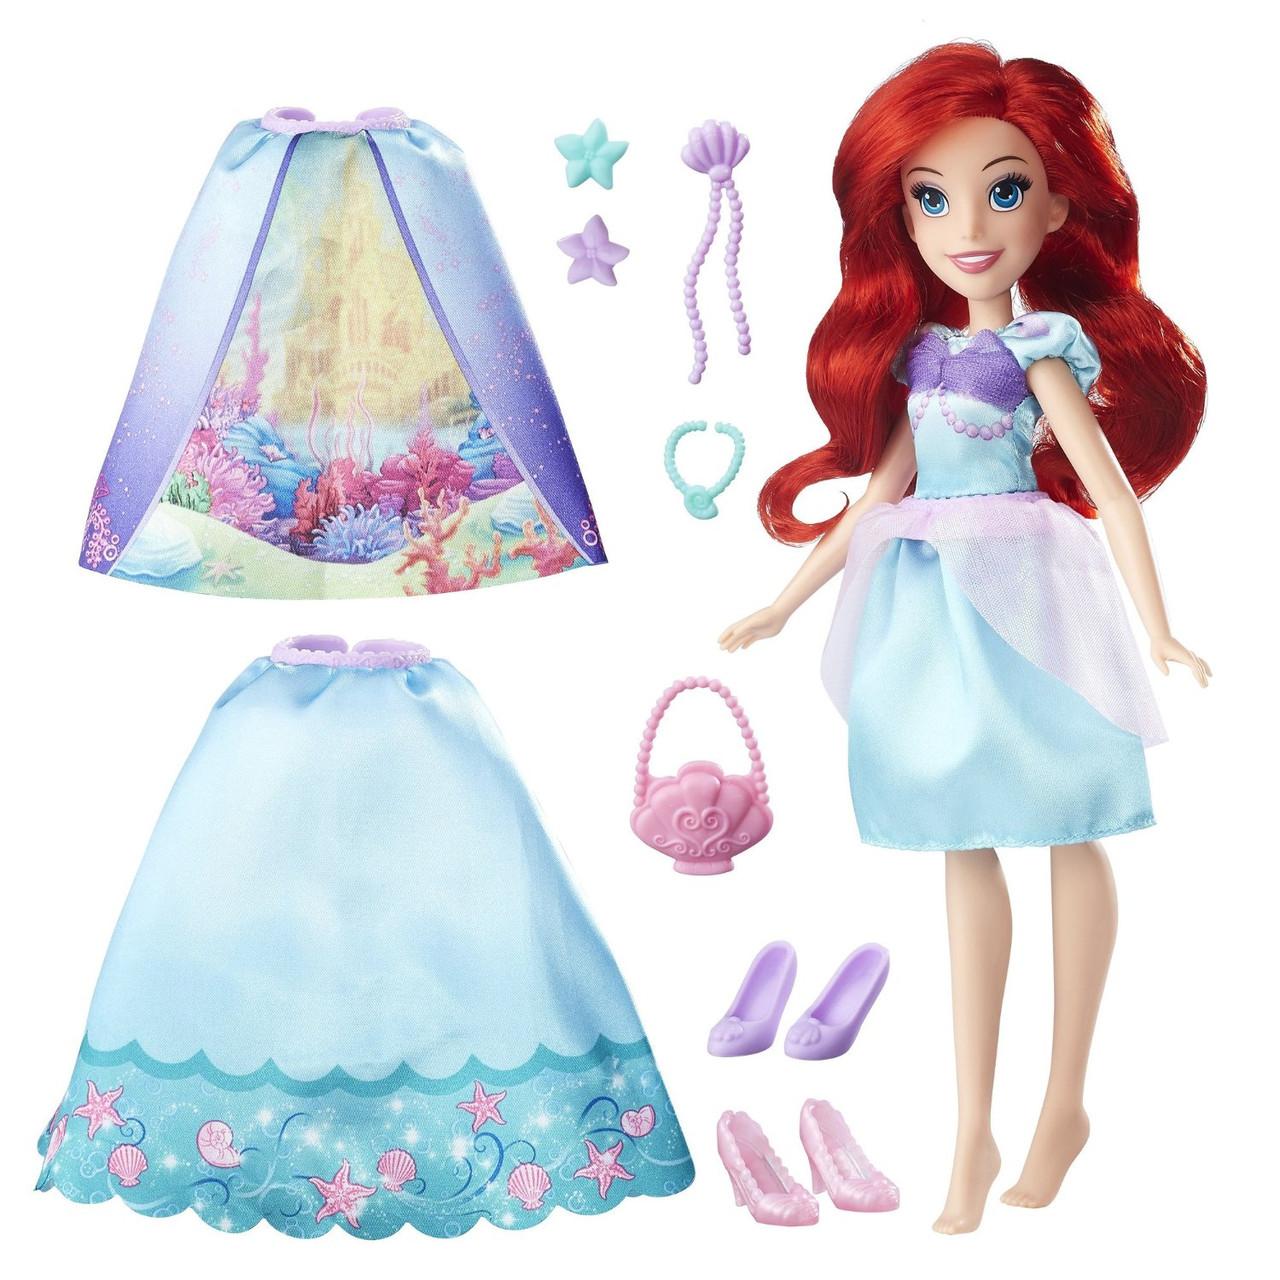 """Кукла Ариэль"""" Модница""""/ """"Шарм и стиль"""", Disney Princess  Ariel"""